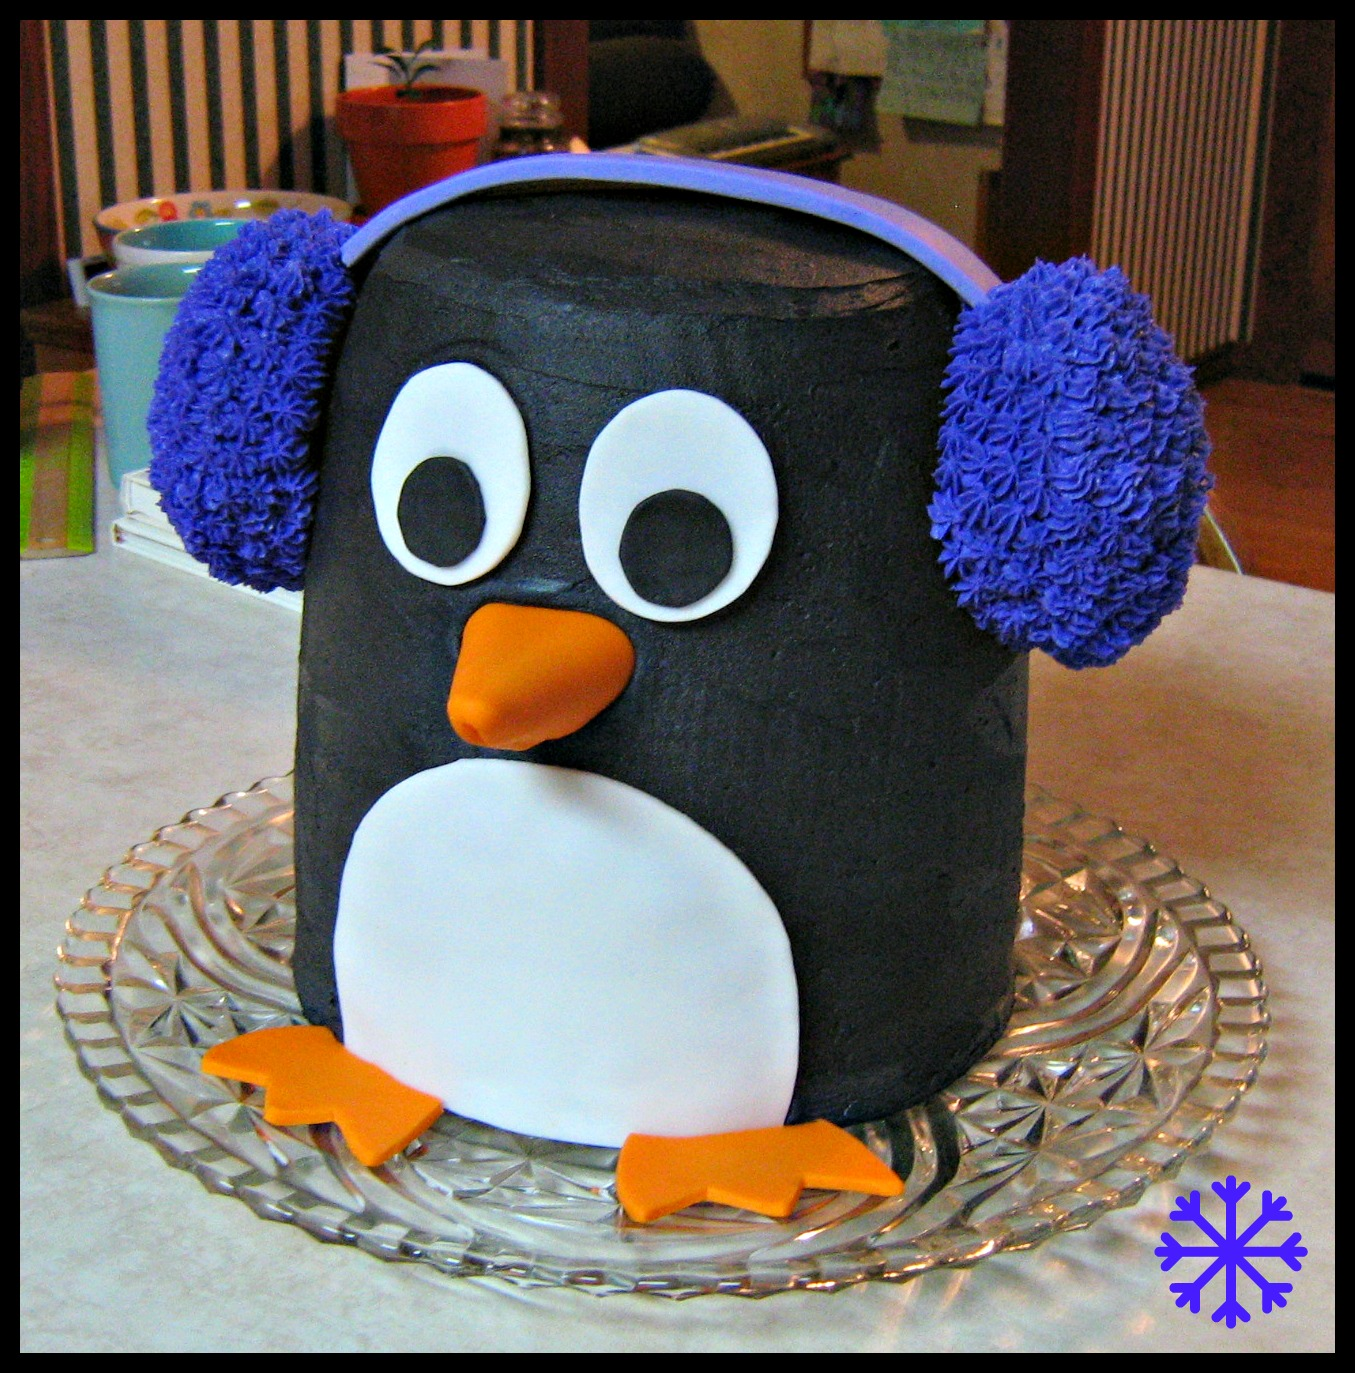 [Image: penguin+earmuffs+cake2.jpg]